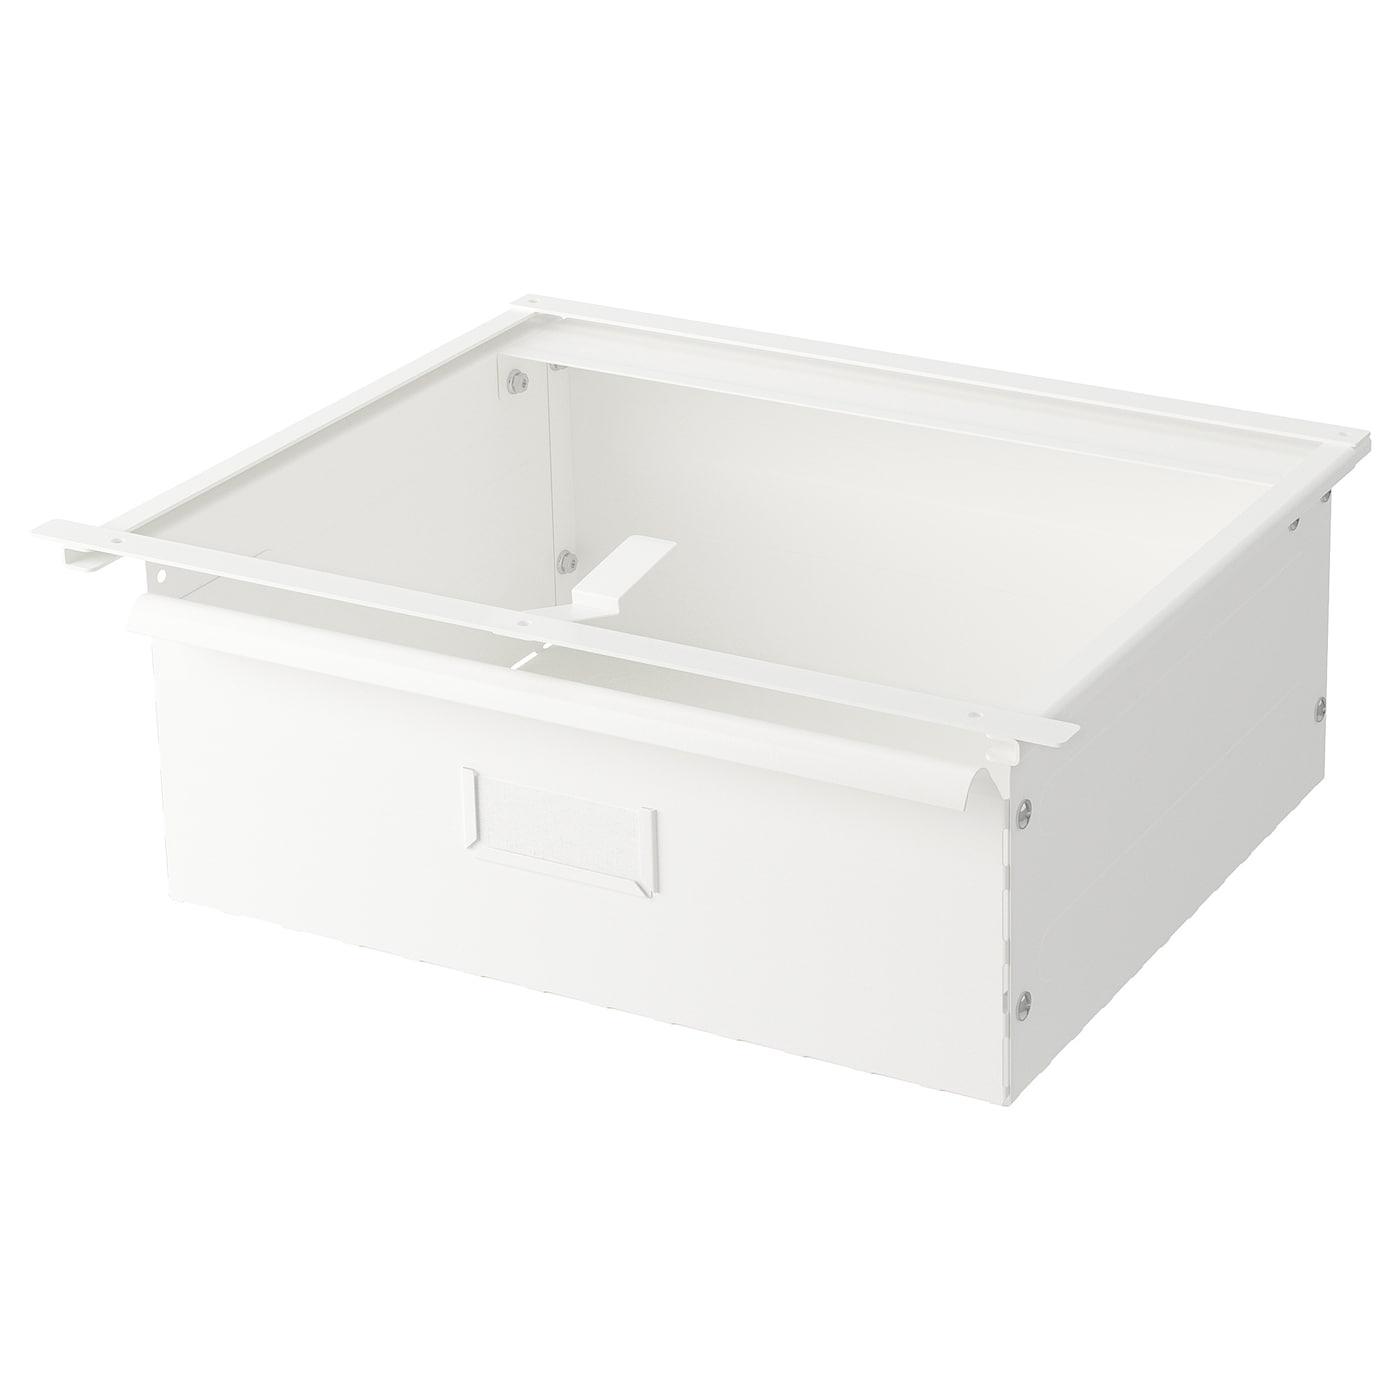 Erfreut Küchenschublade Teiler Ikea Uk Fotos - Ideen Für Die Küche ...